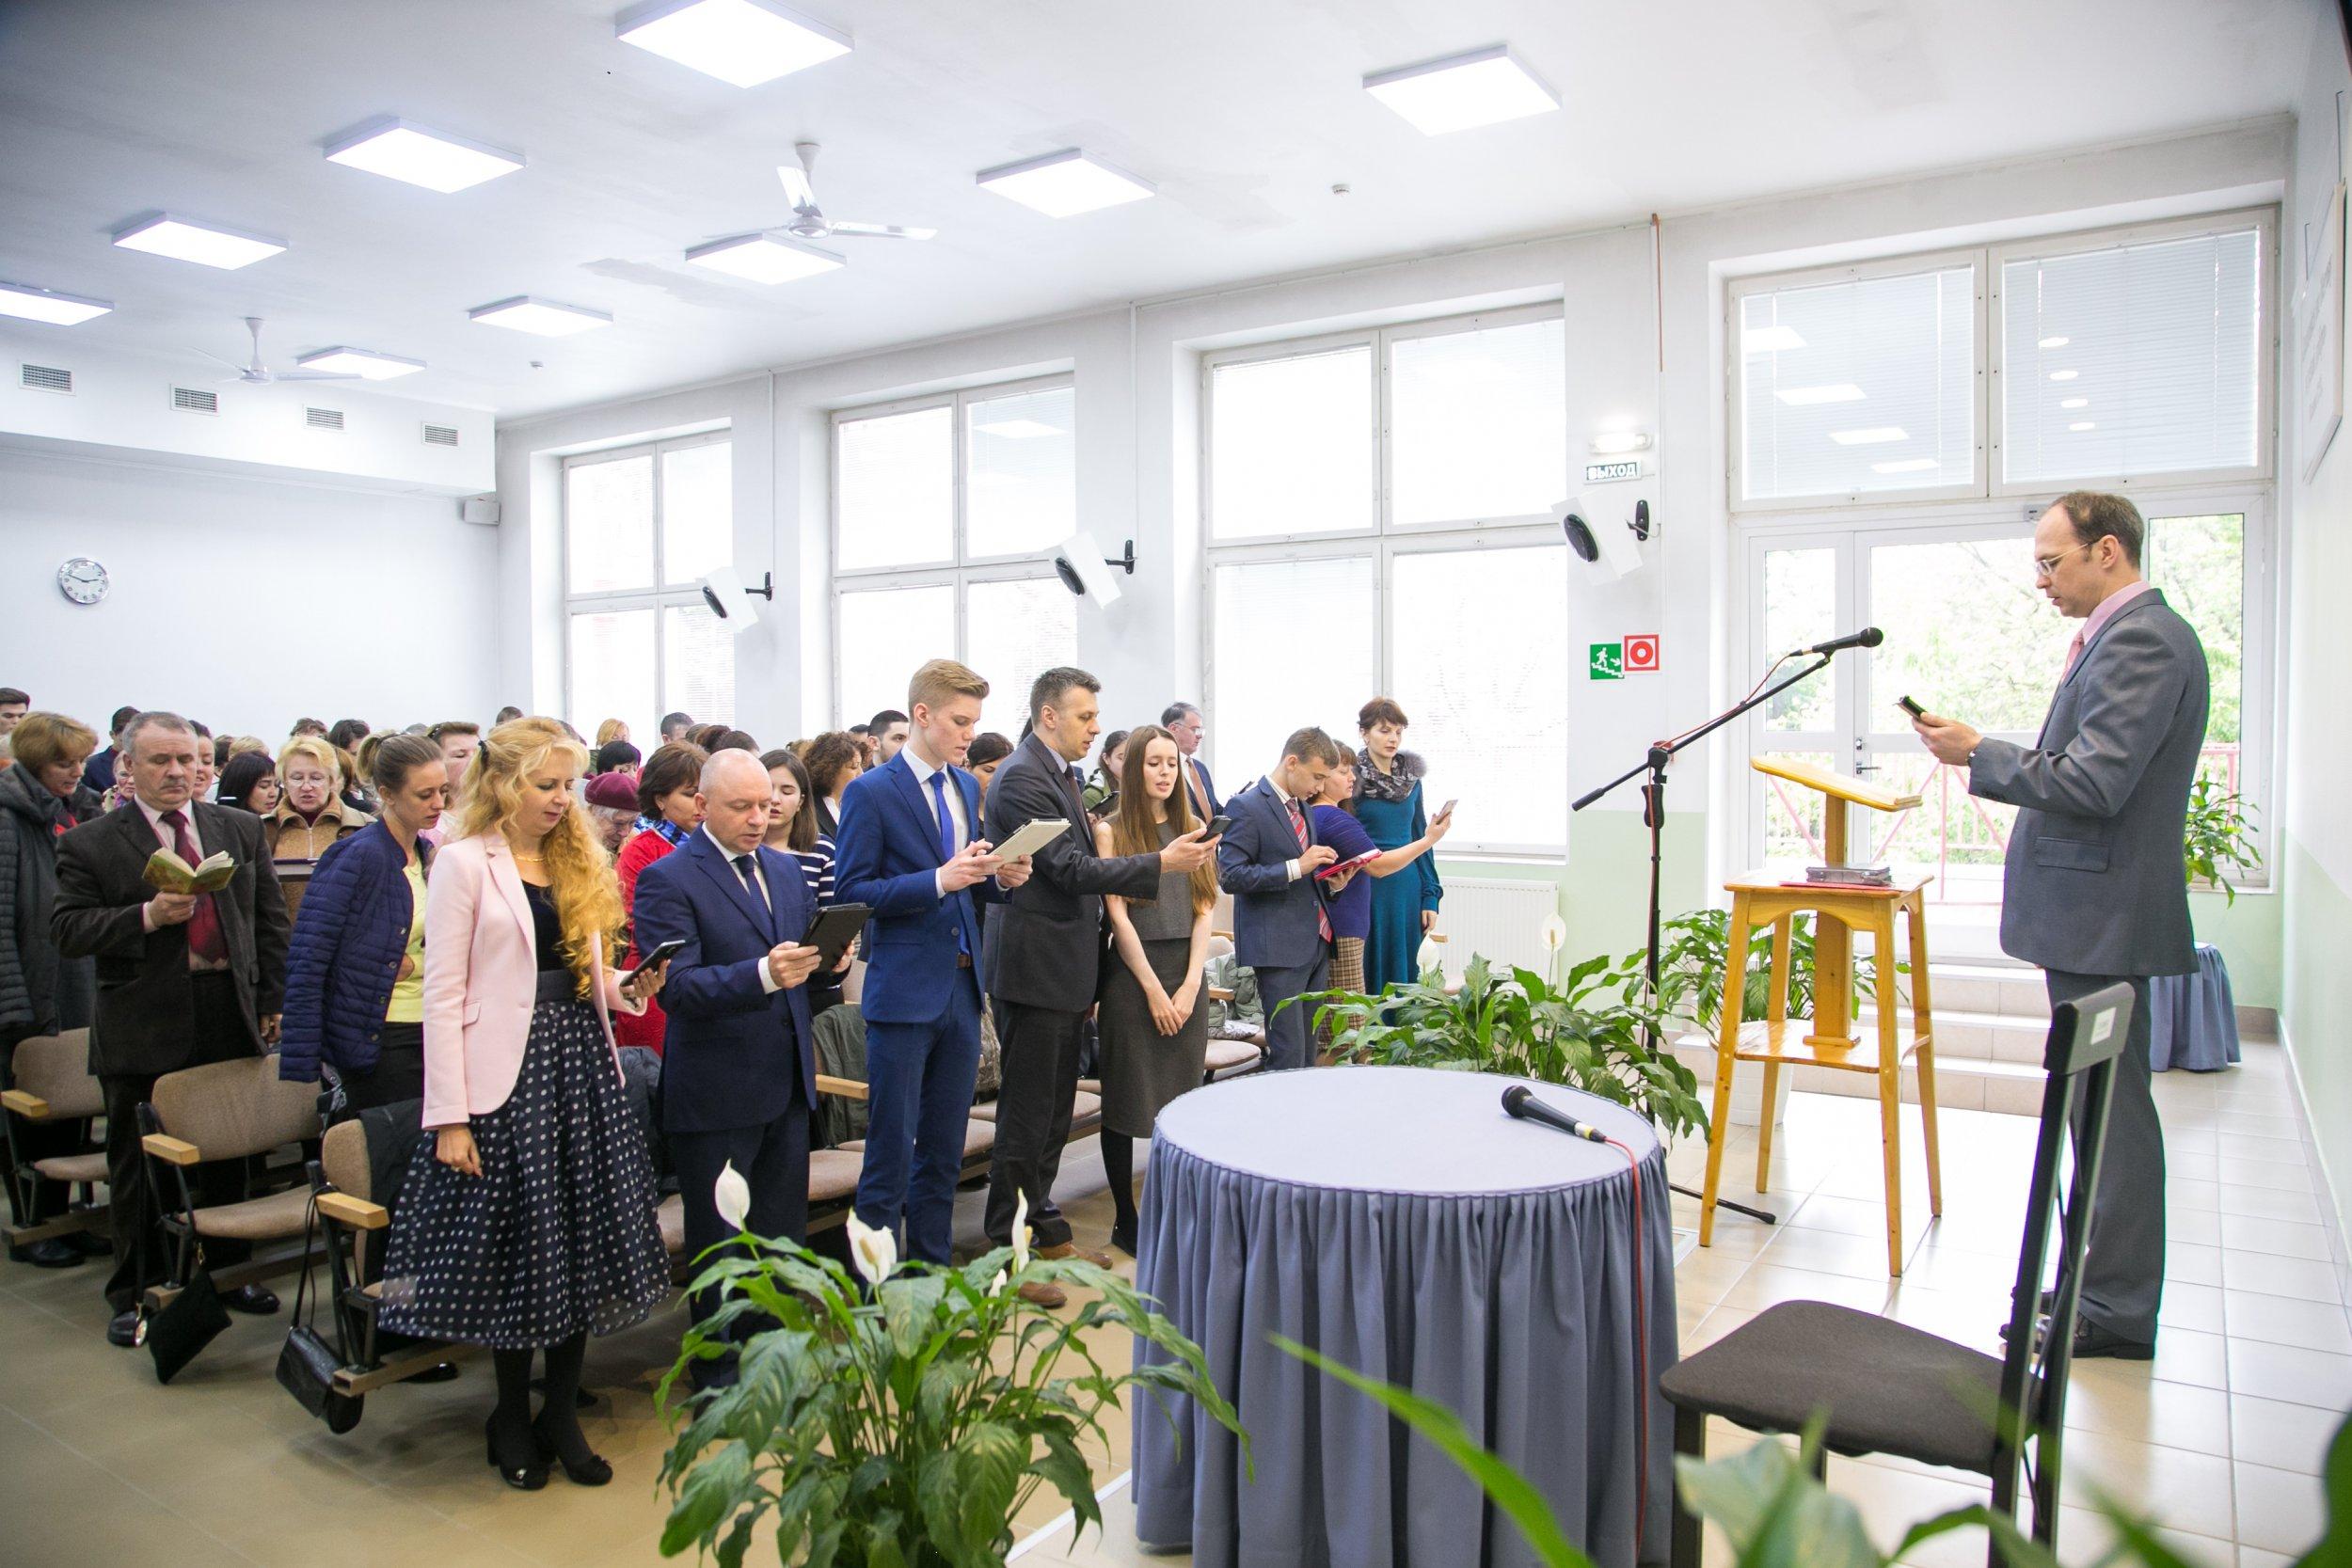 As Testemunhas de Jeová cantam em uma reunião na Rússia. Duas Testemunhas de Jeová receberam recentemente um prestigioso prêmio para pais, apesar de o grupo ser considerado